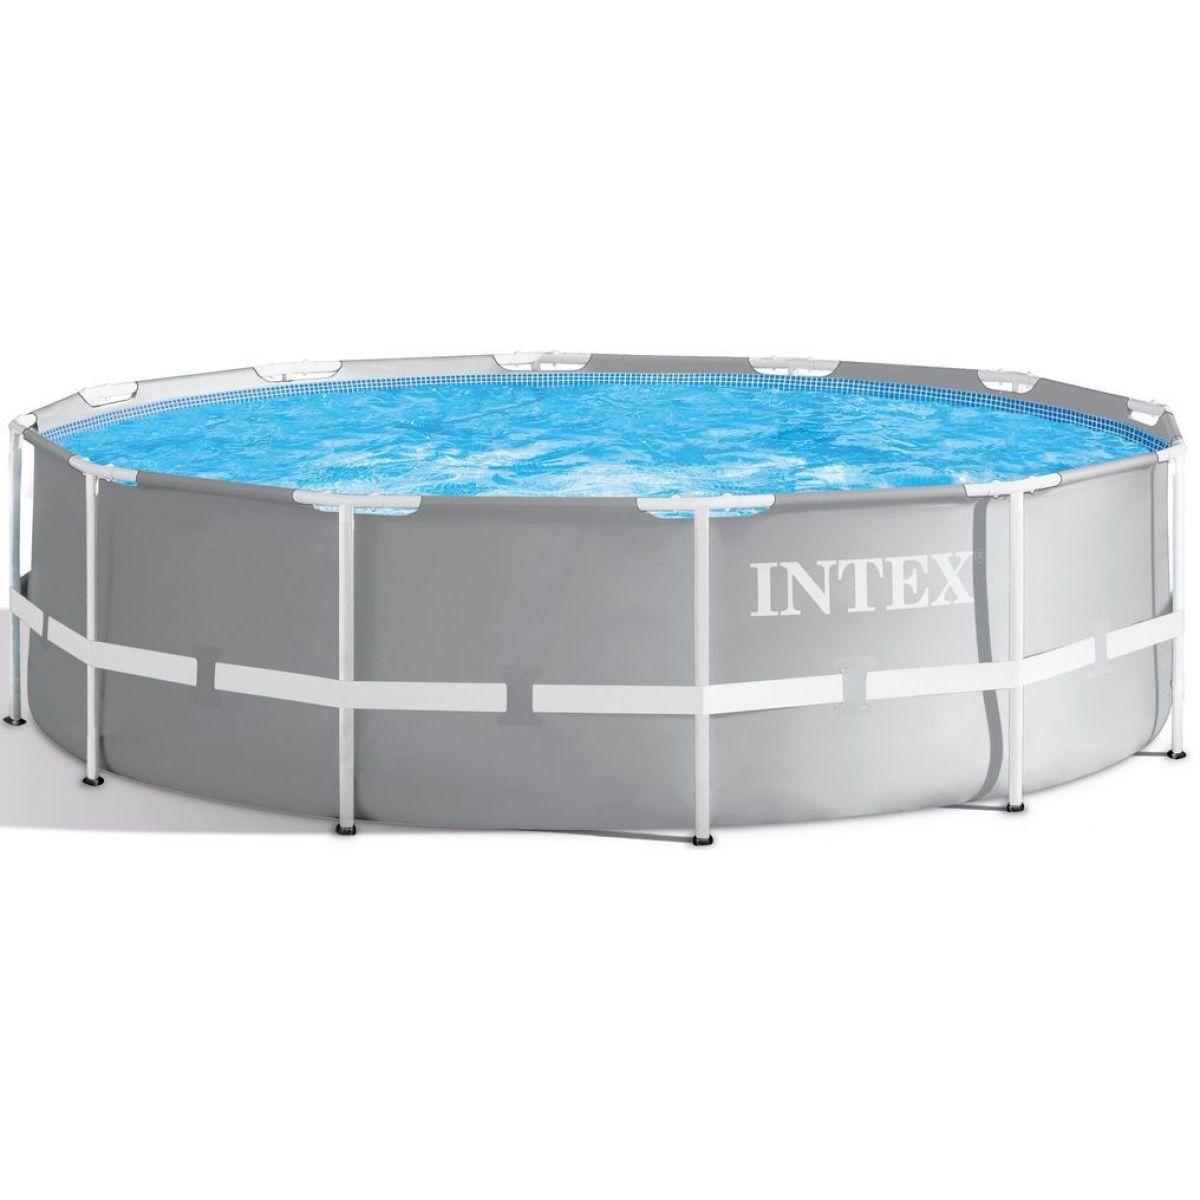 Intex 26716 Bazénový set 366 x 99 cm